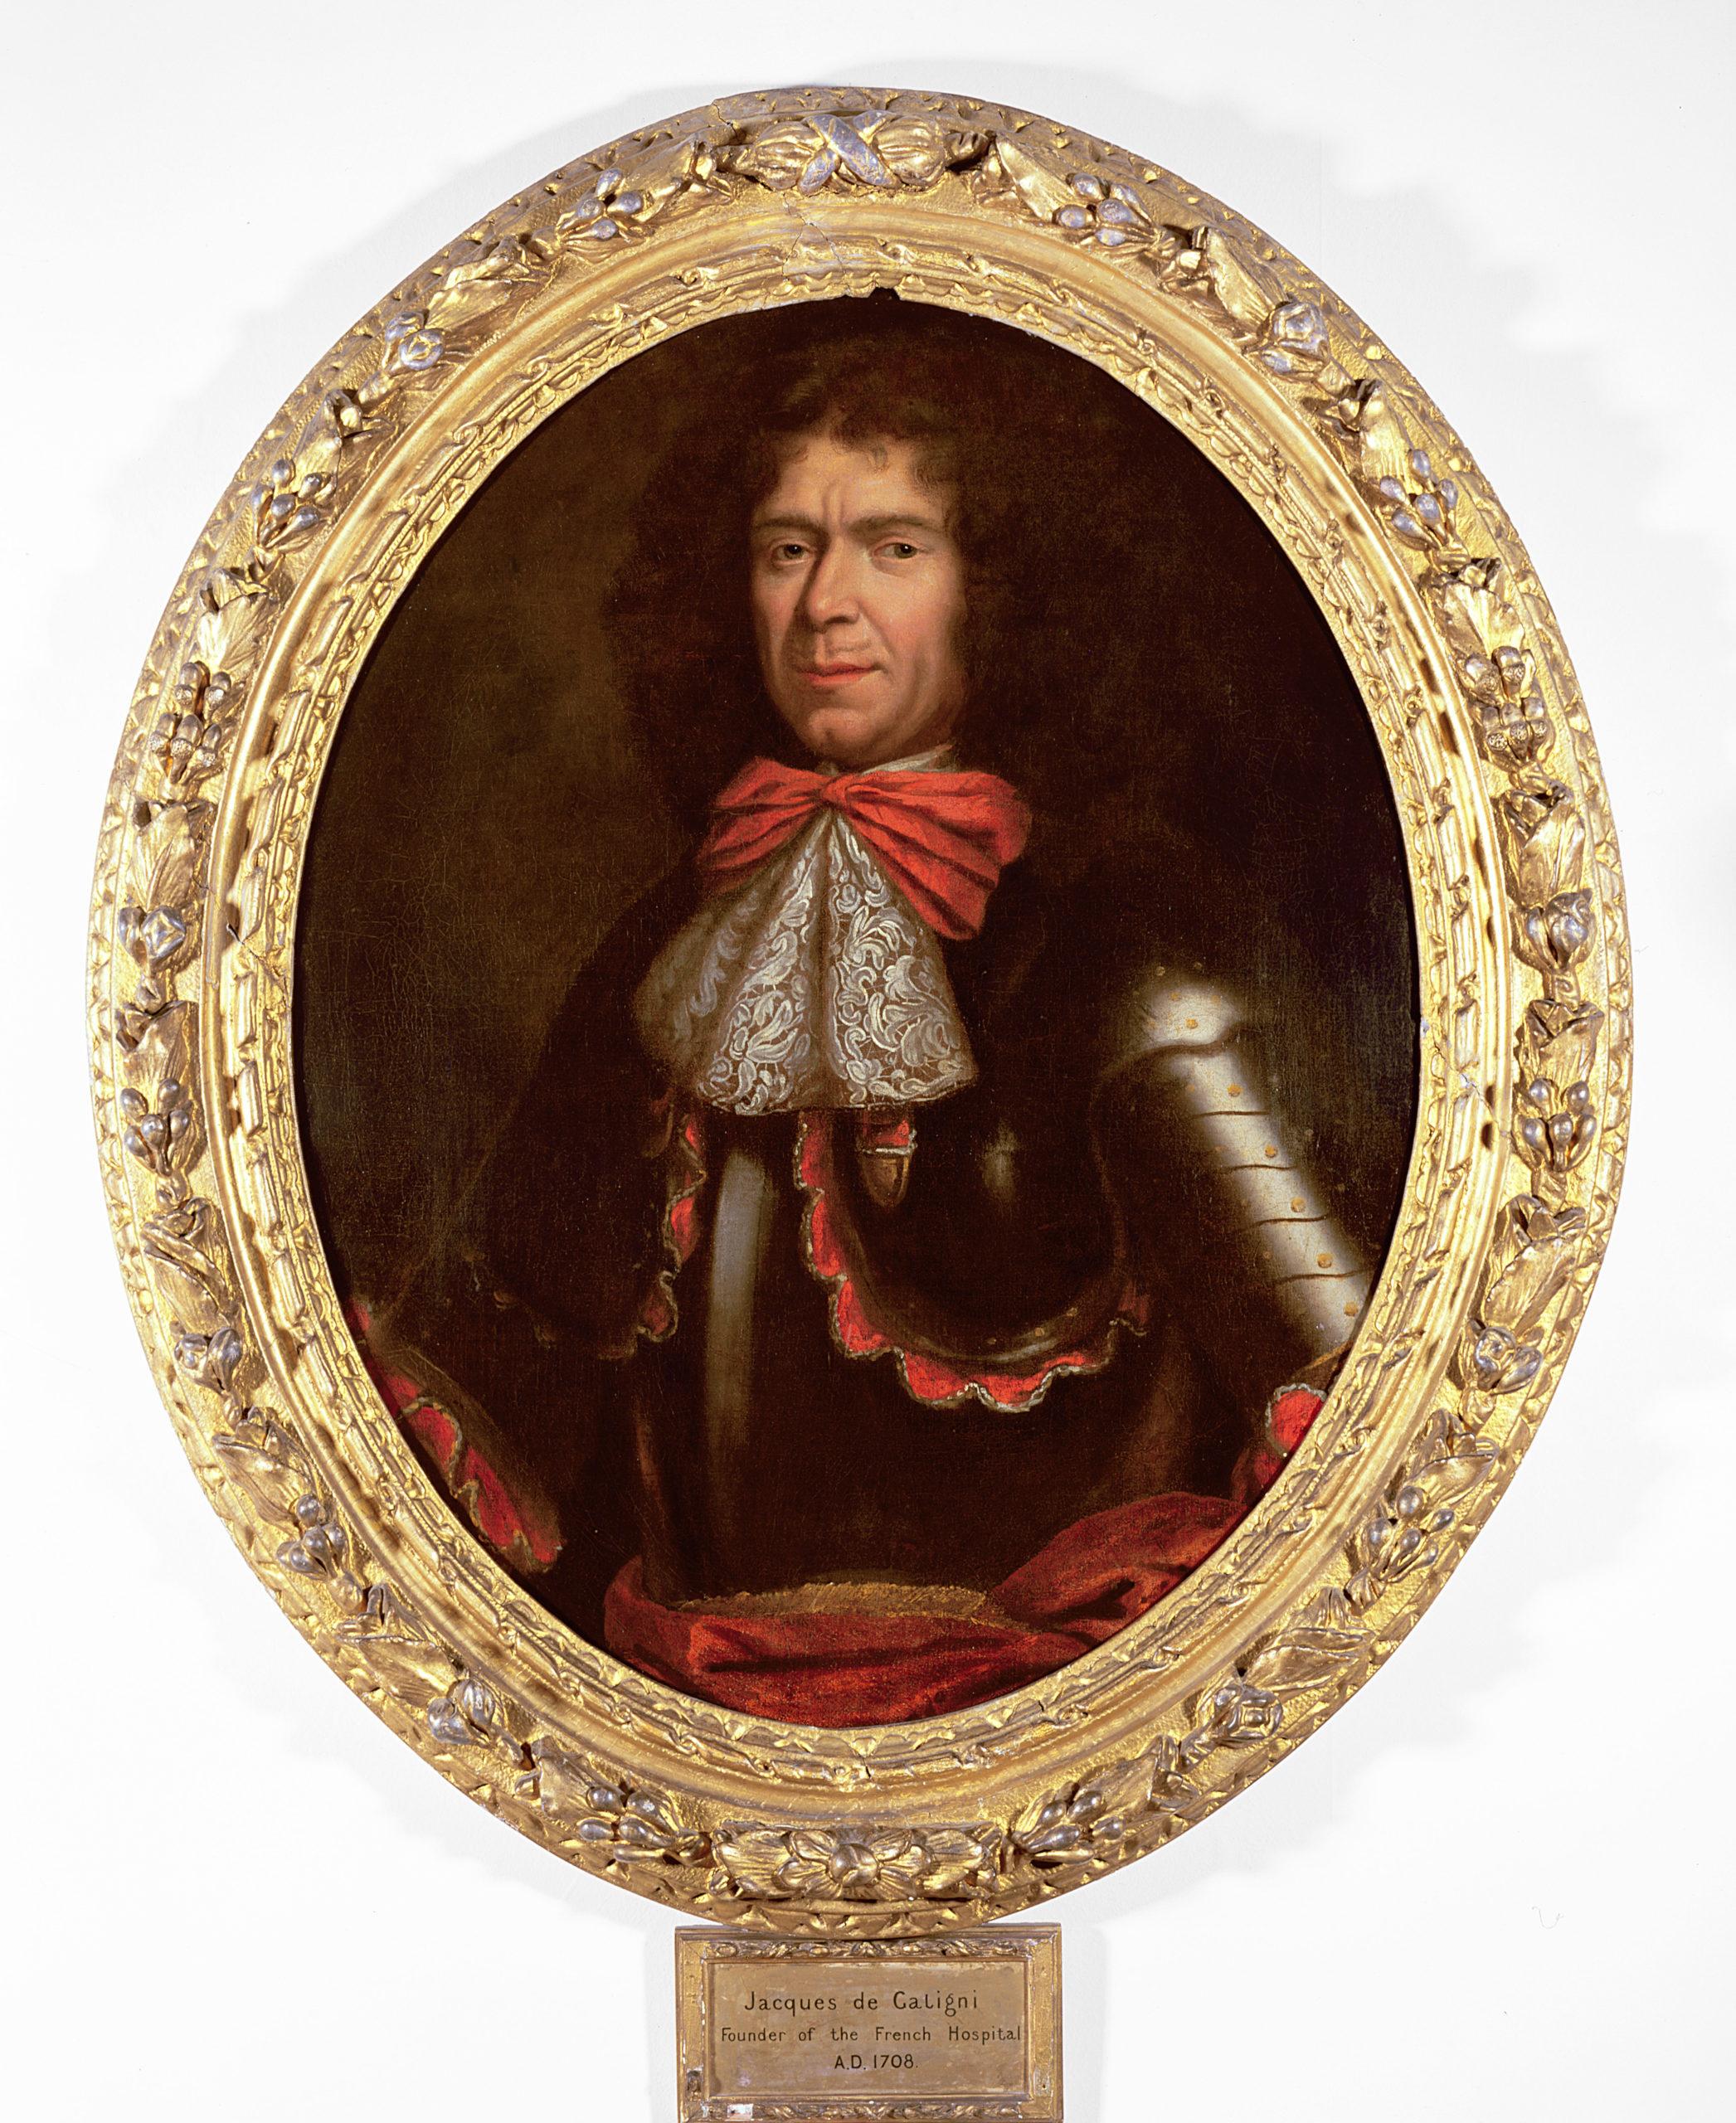 Jacques de Gastigny